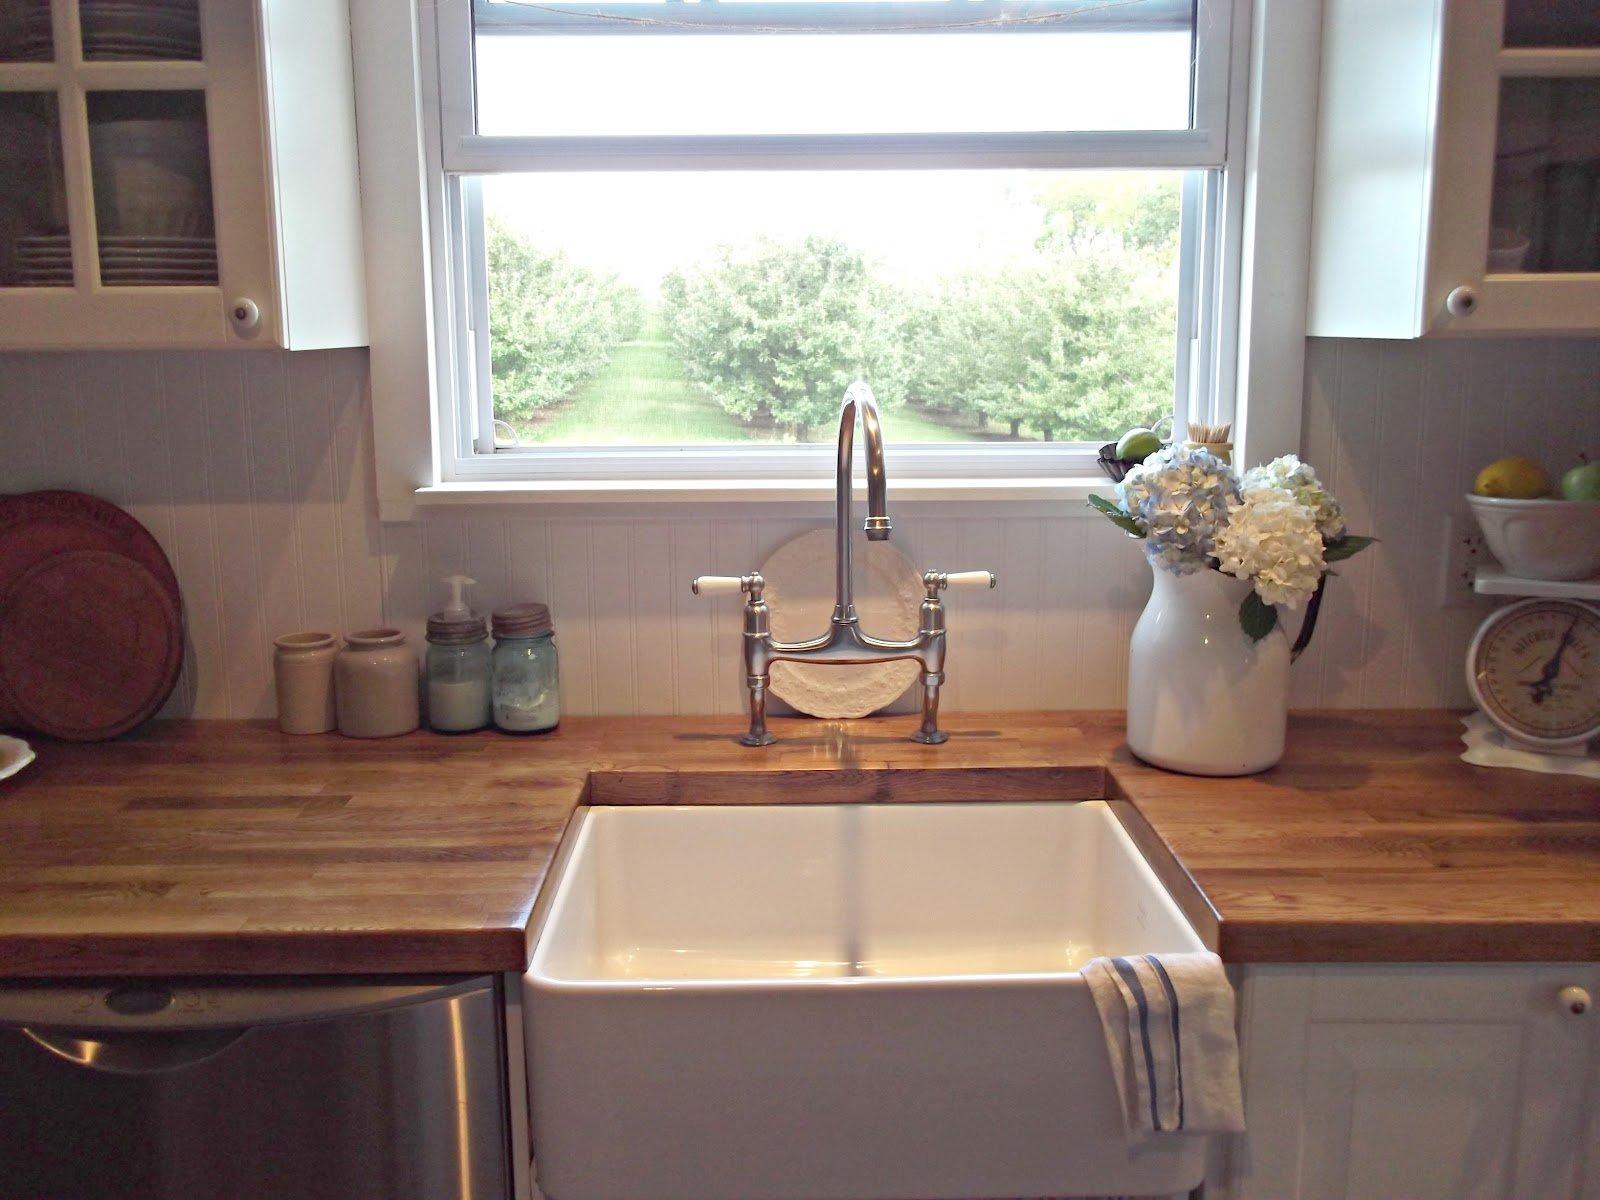 exemple-de-robinet-mélangeur 3 types de robinets pour un évier de cuisine moderne